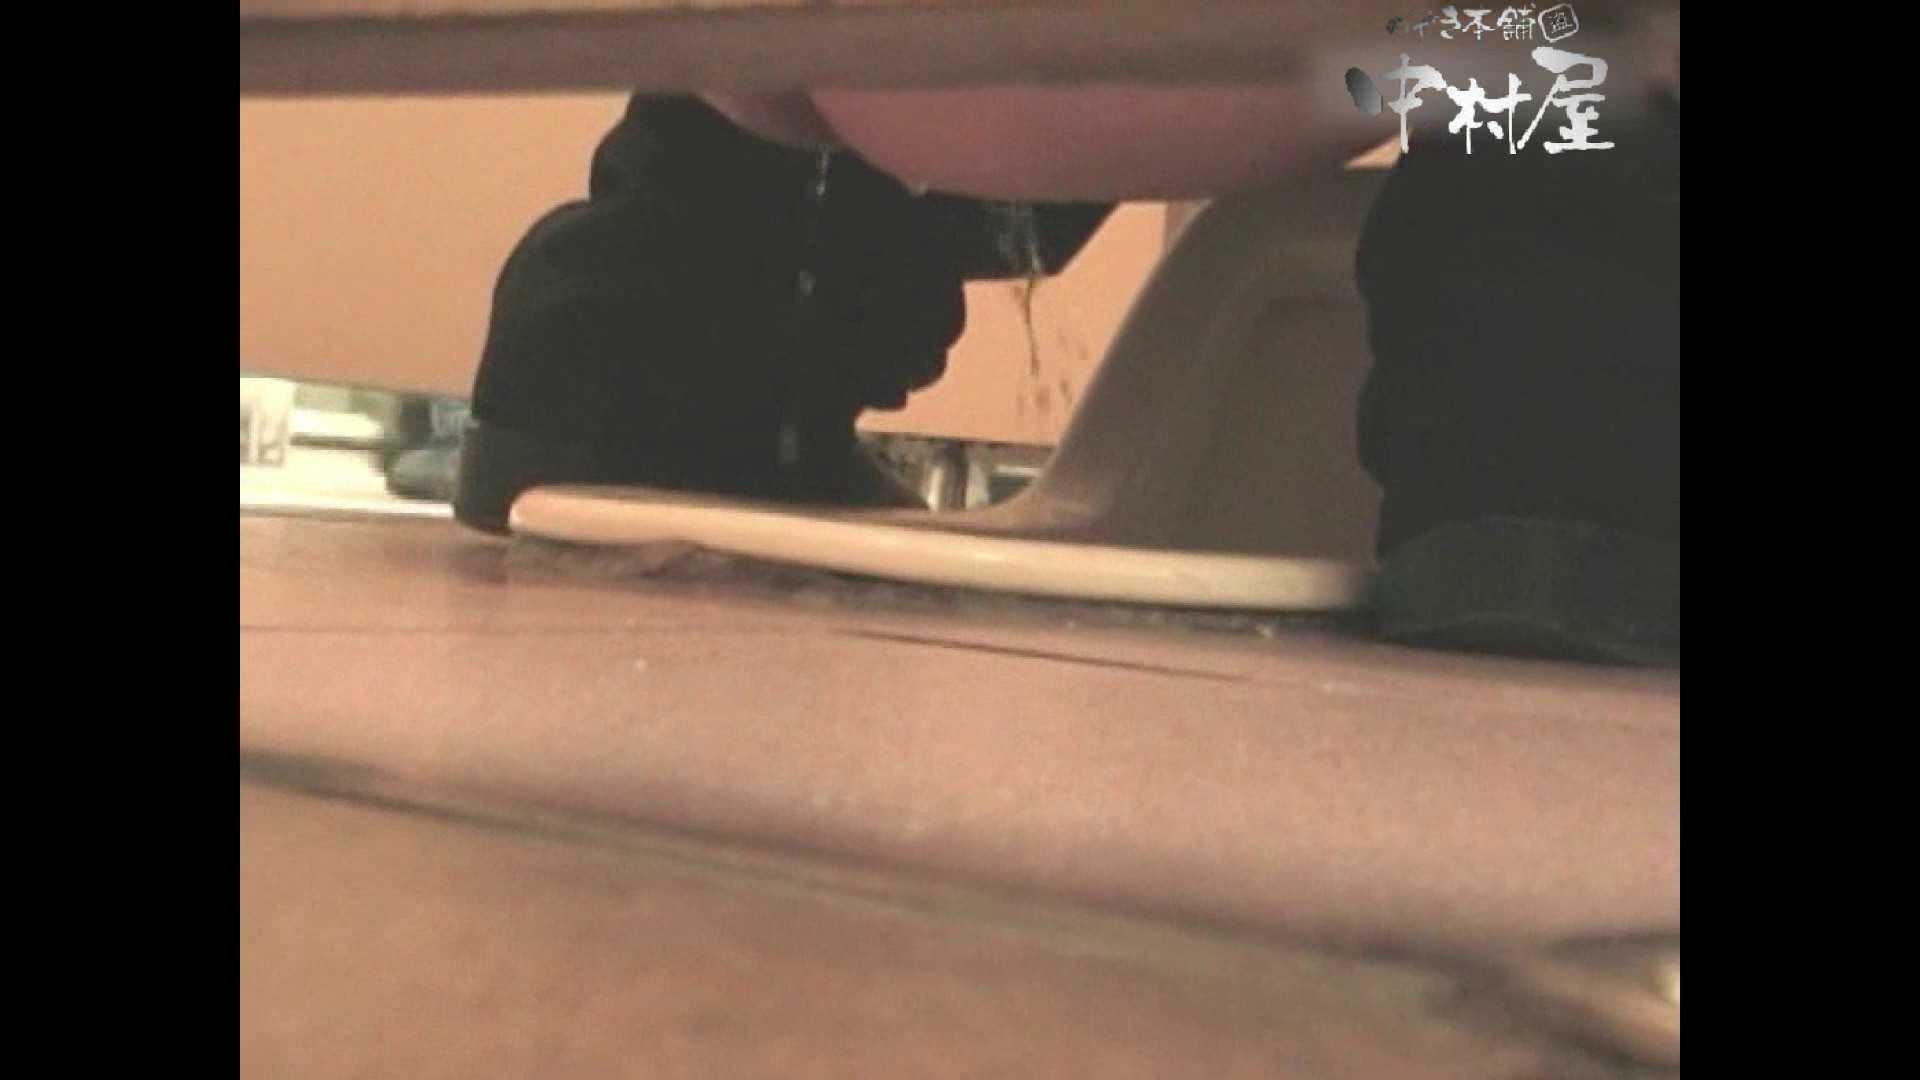 岩手県在住盗撮師盗撮記録vol.03 OLセックス 覗きぱこり動画紹介 99画像 16